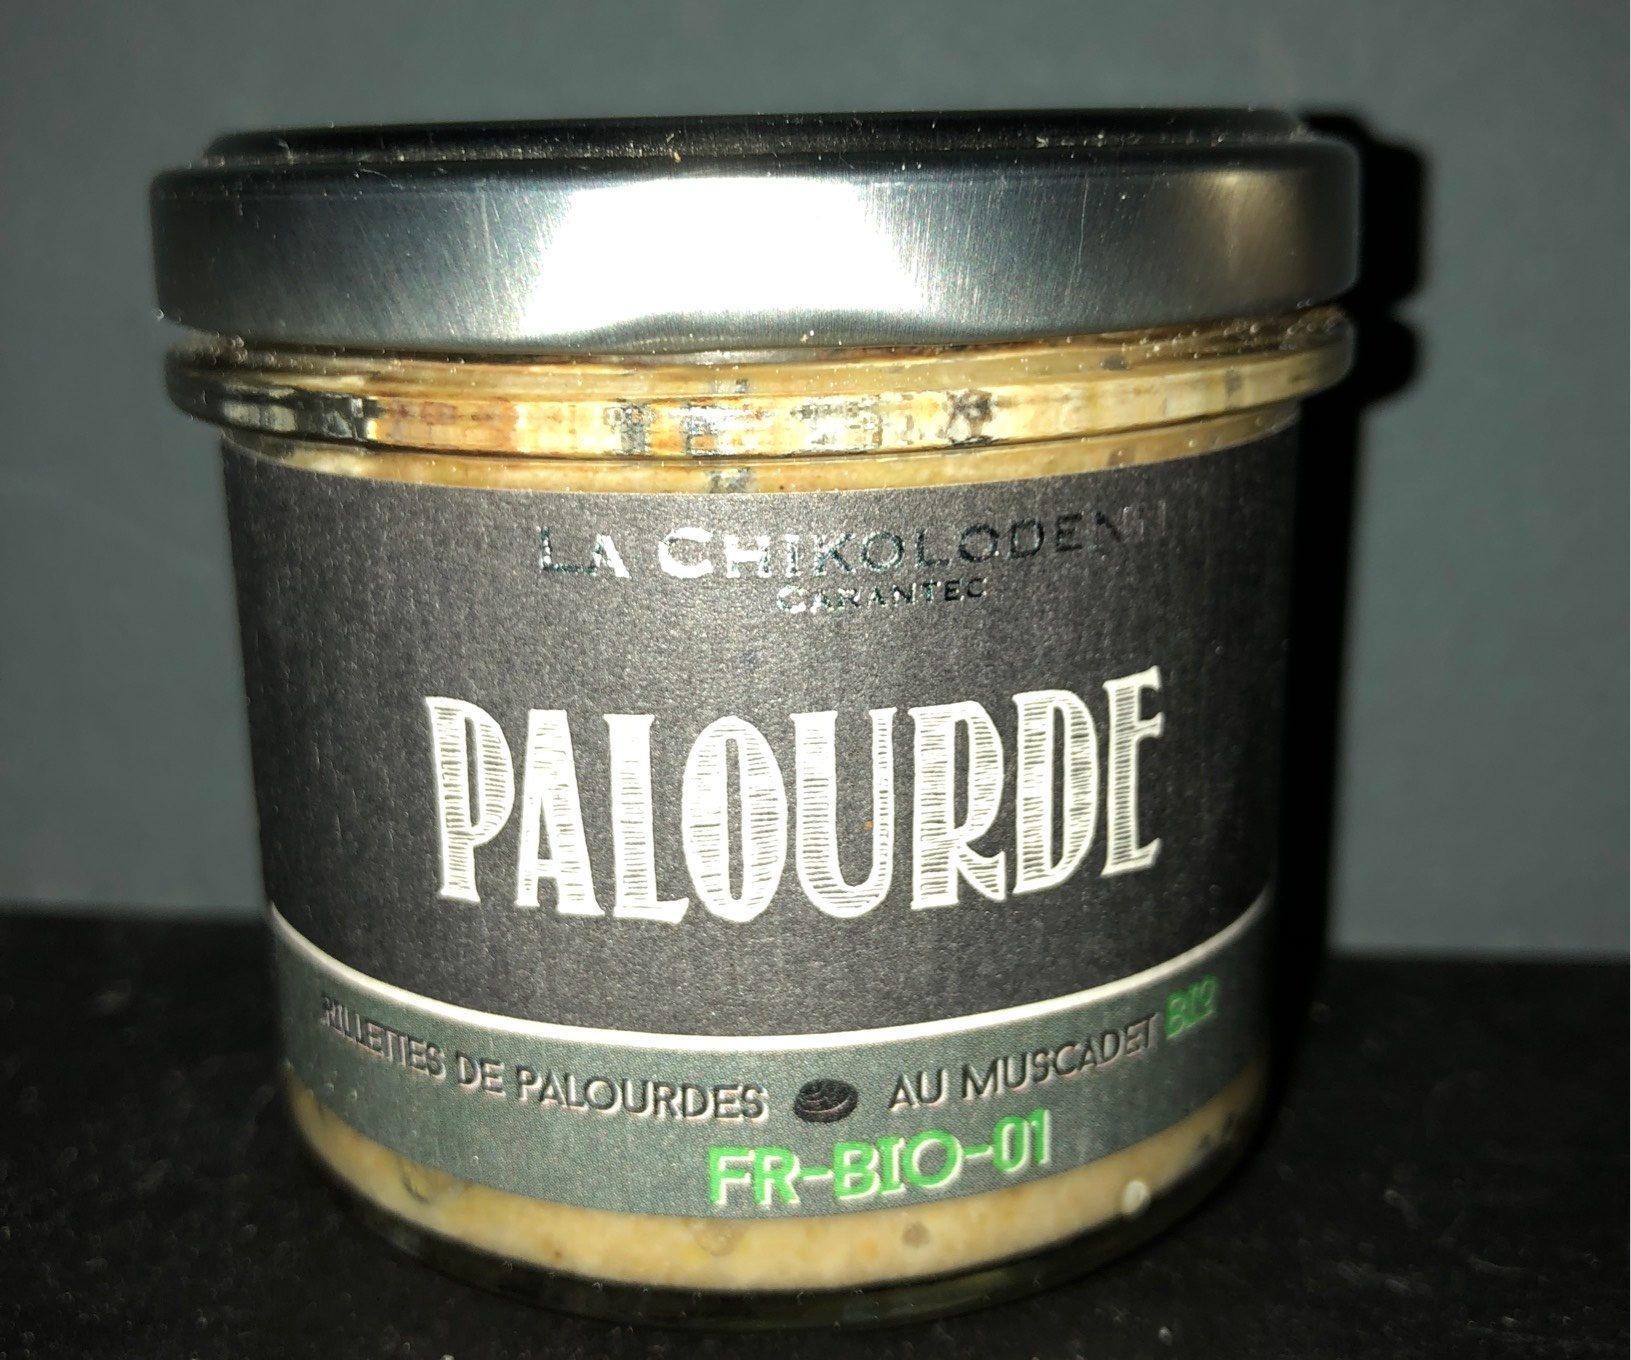 Rillettes de Palourdes au Muscadet - Product